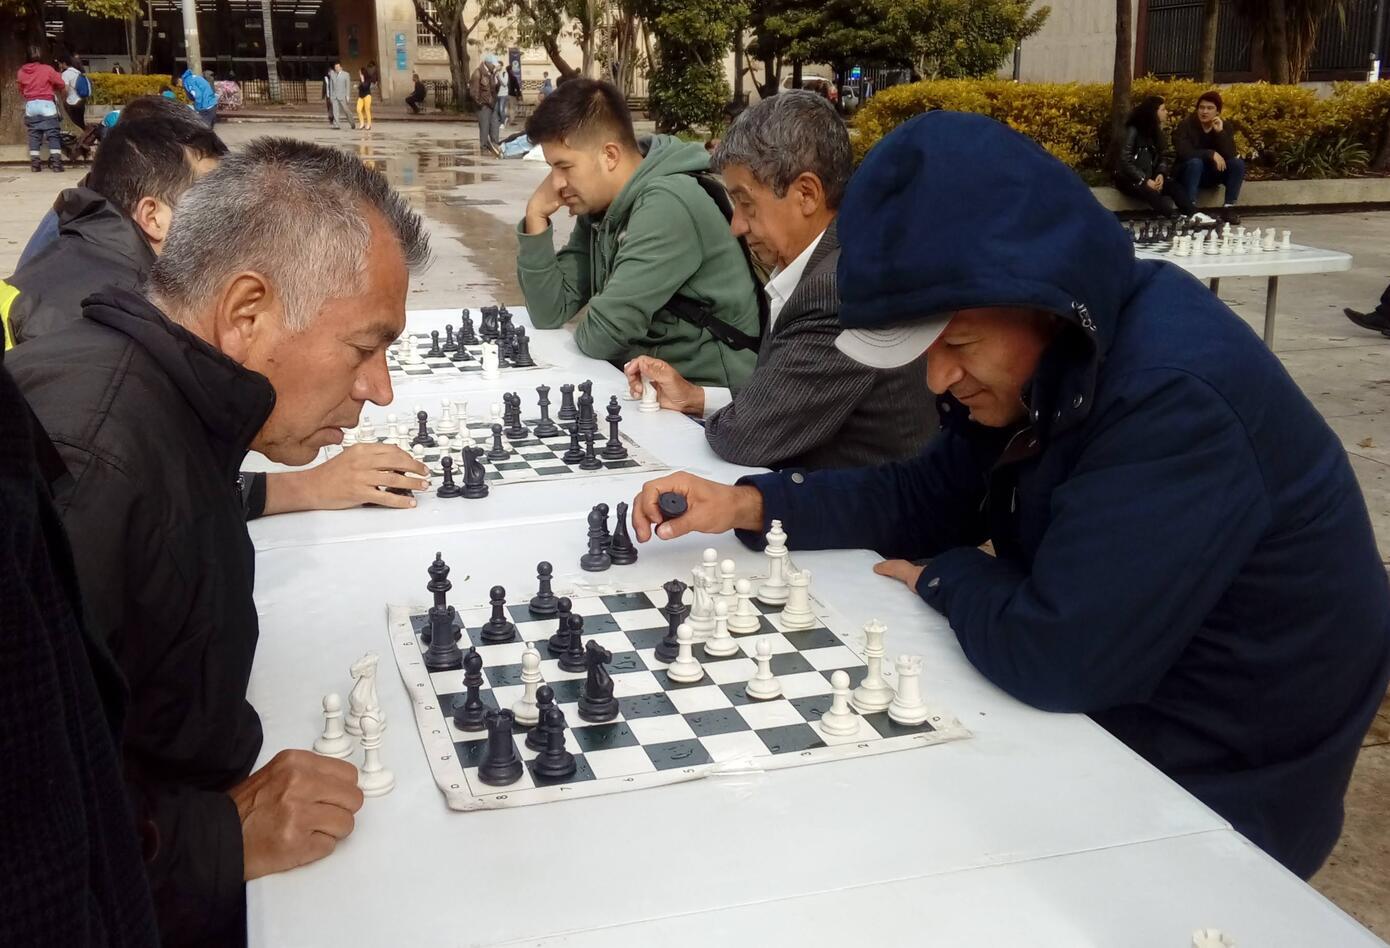 El ajedrez es una forma de empleo para algunos bogotanos.